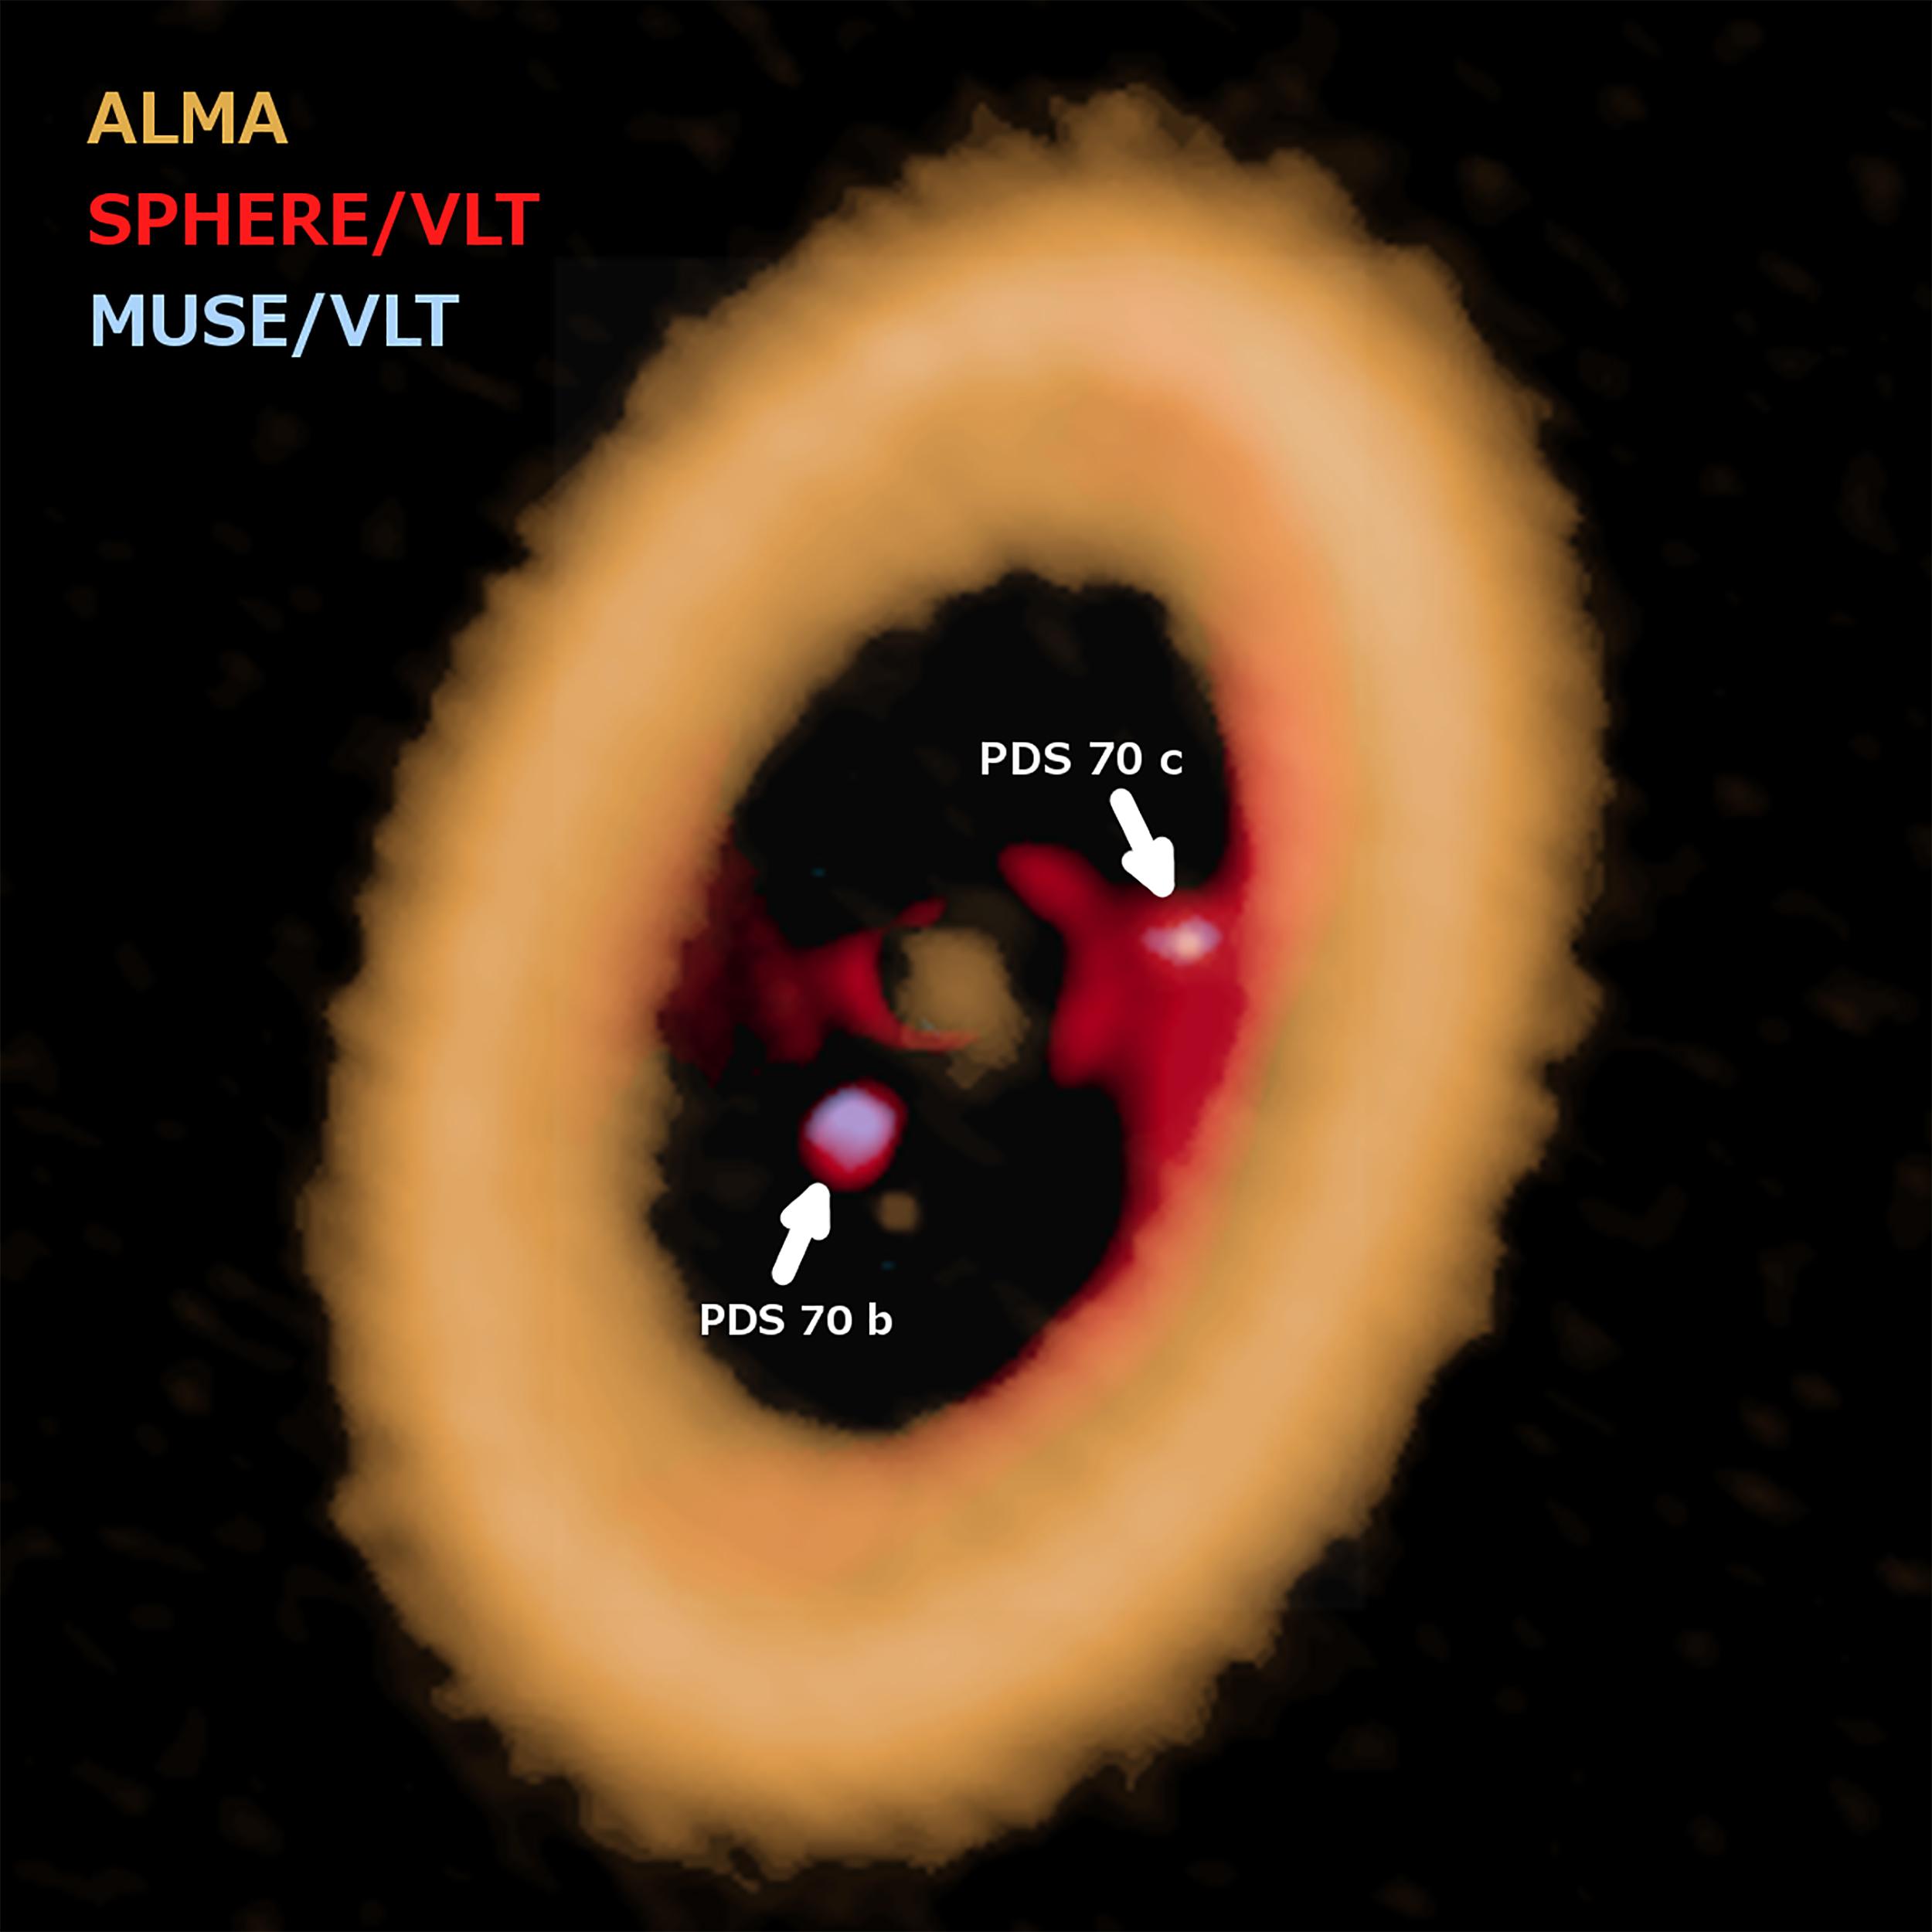 <p>Imagen compuesta de PDS 70. Al comparar los nuevos datos de ALMA con las observaciones anteriores de VLT, los astrónomos determinaron que el joven planeta designado como PDS 70 c tiene un disco circumplanetario, una característica que se cree que es el lugar de nacimiento de lunas. Crédito: ALMA (ESO/NOAJ/NRAO) A. Isella; ESO.</p>